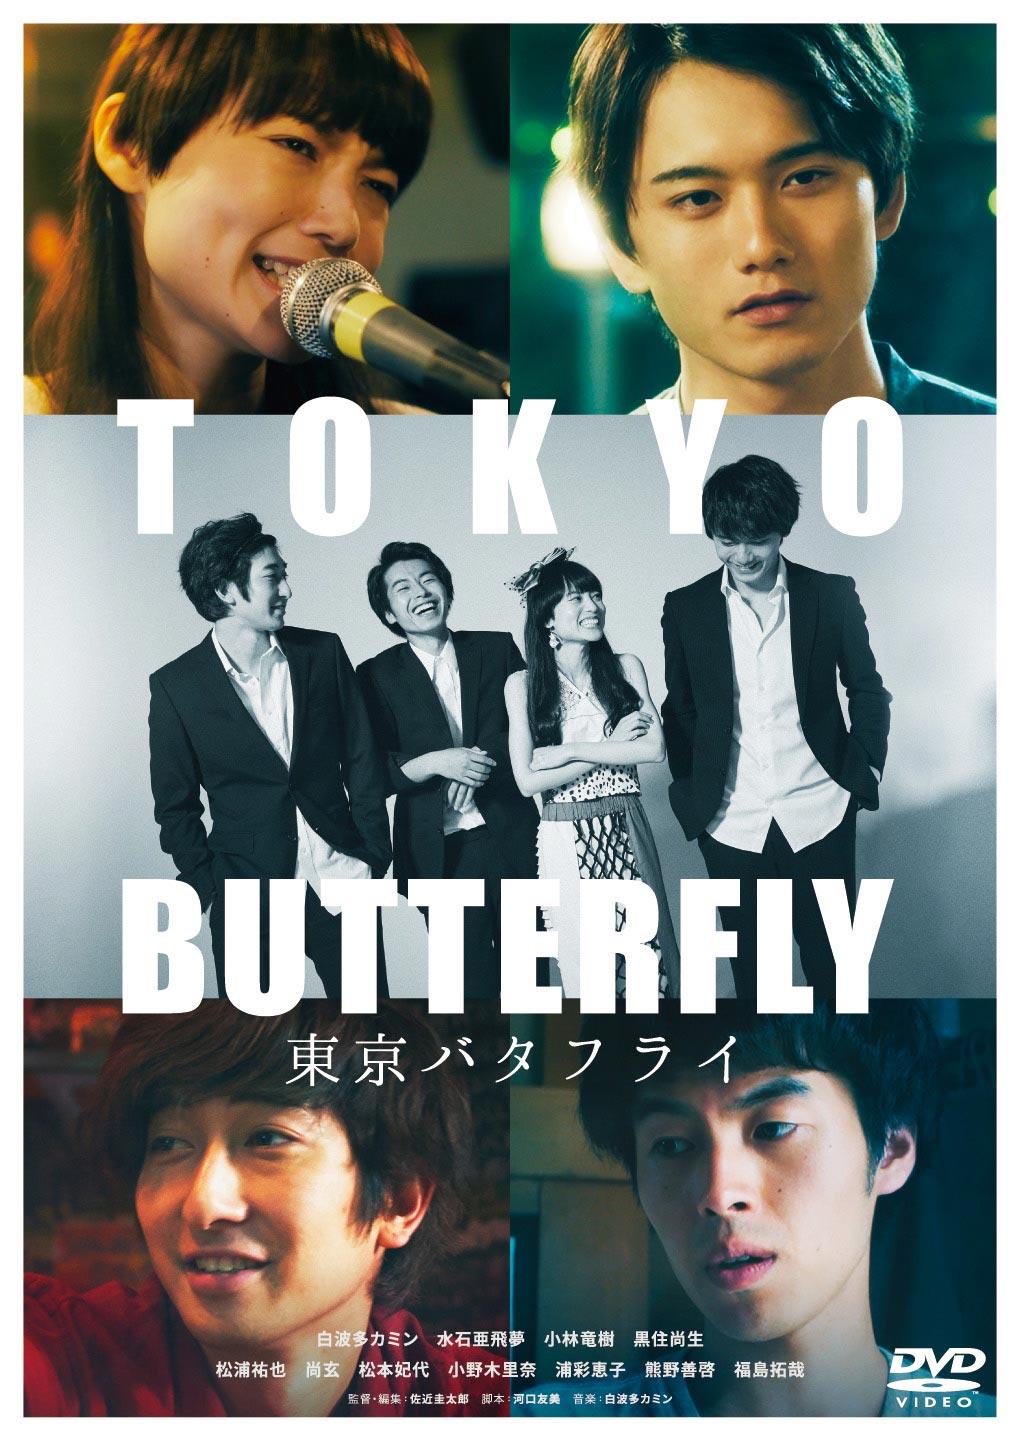 「東京バタフライ」DVD GAGA★ONLINE STORE限定 キャスト4名 直筆サイン入ジャケット付